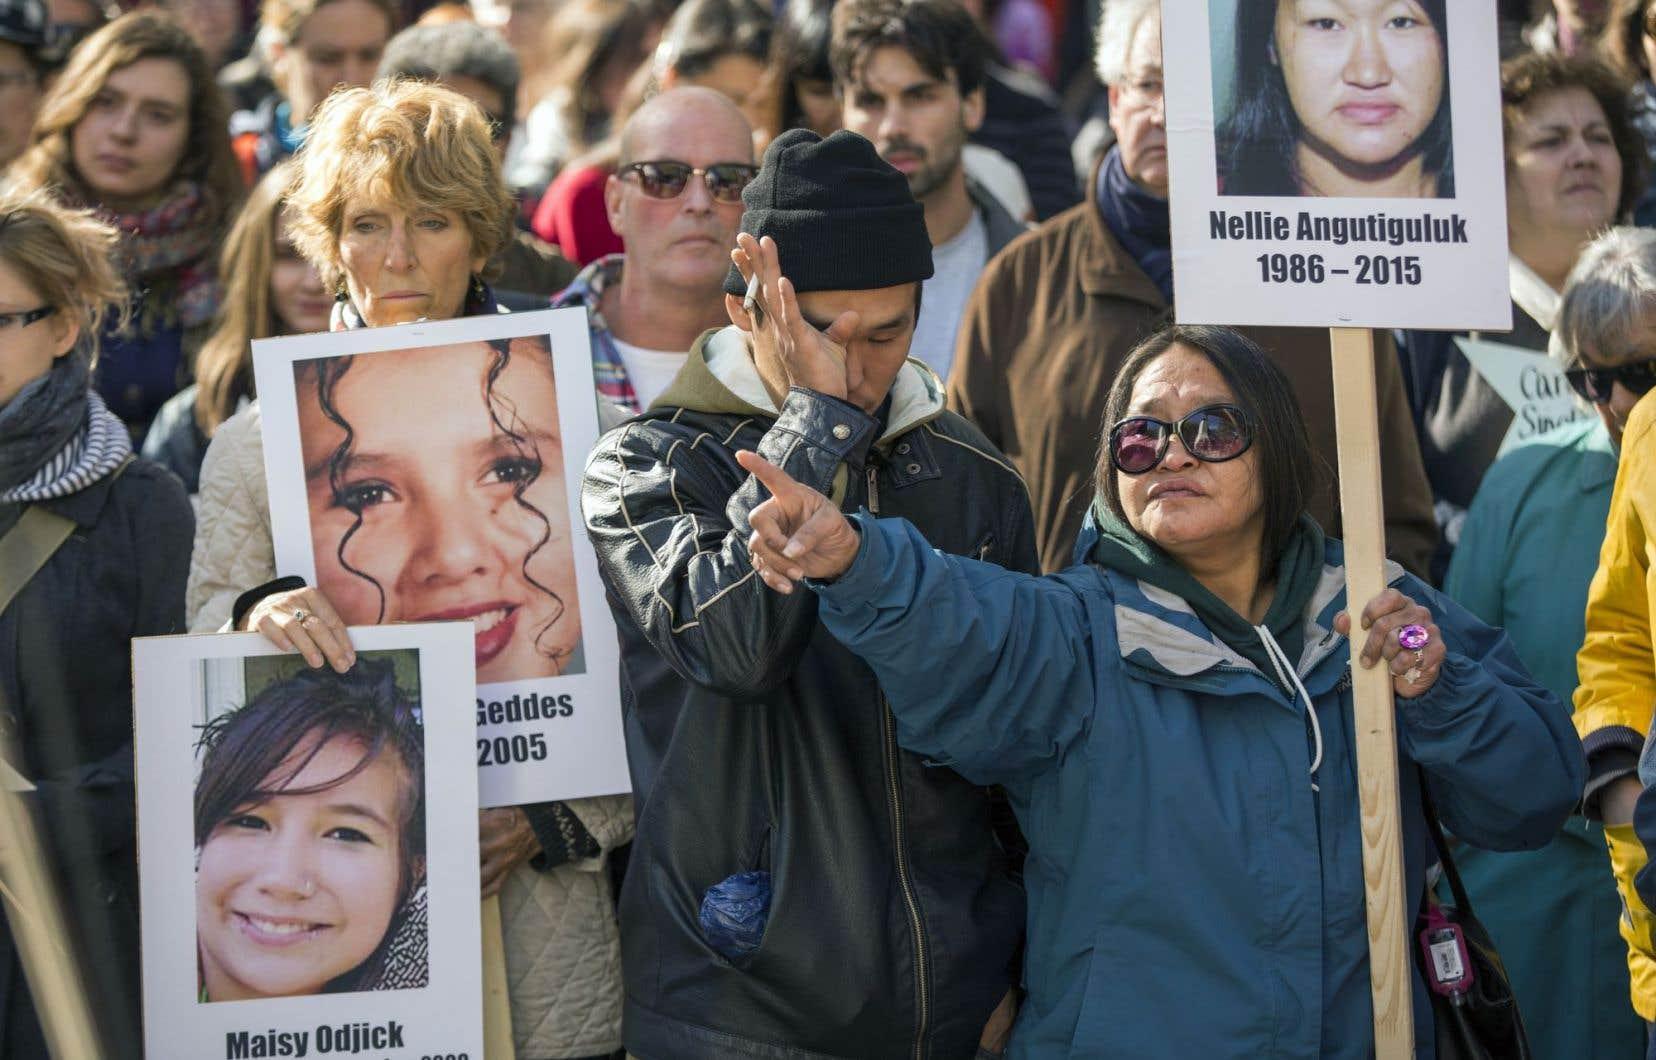 Réclamée depuis des années, la commission d'enquête sur les femmes autochtones disparues ou assassinées a fait l'objet de plusieurs manifestations, dont celle-ci datant d'octobre 2015.